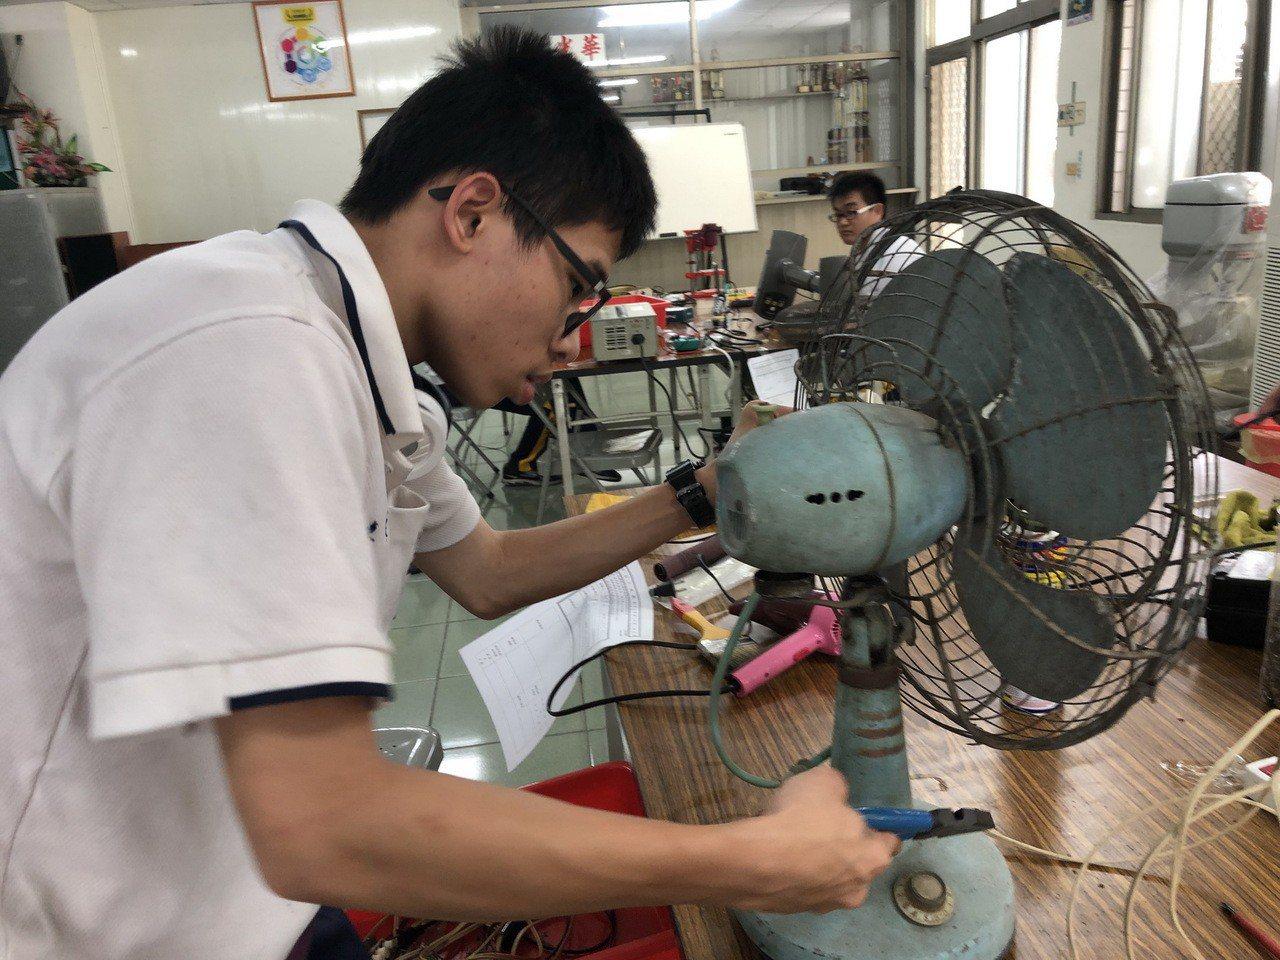 中山工商家電維修中心師生利用假日,為屏東的弱勢戶免費修理家電。圖/中山工商提供